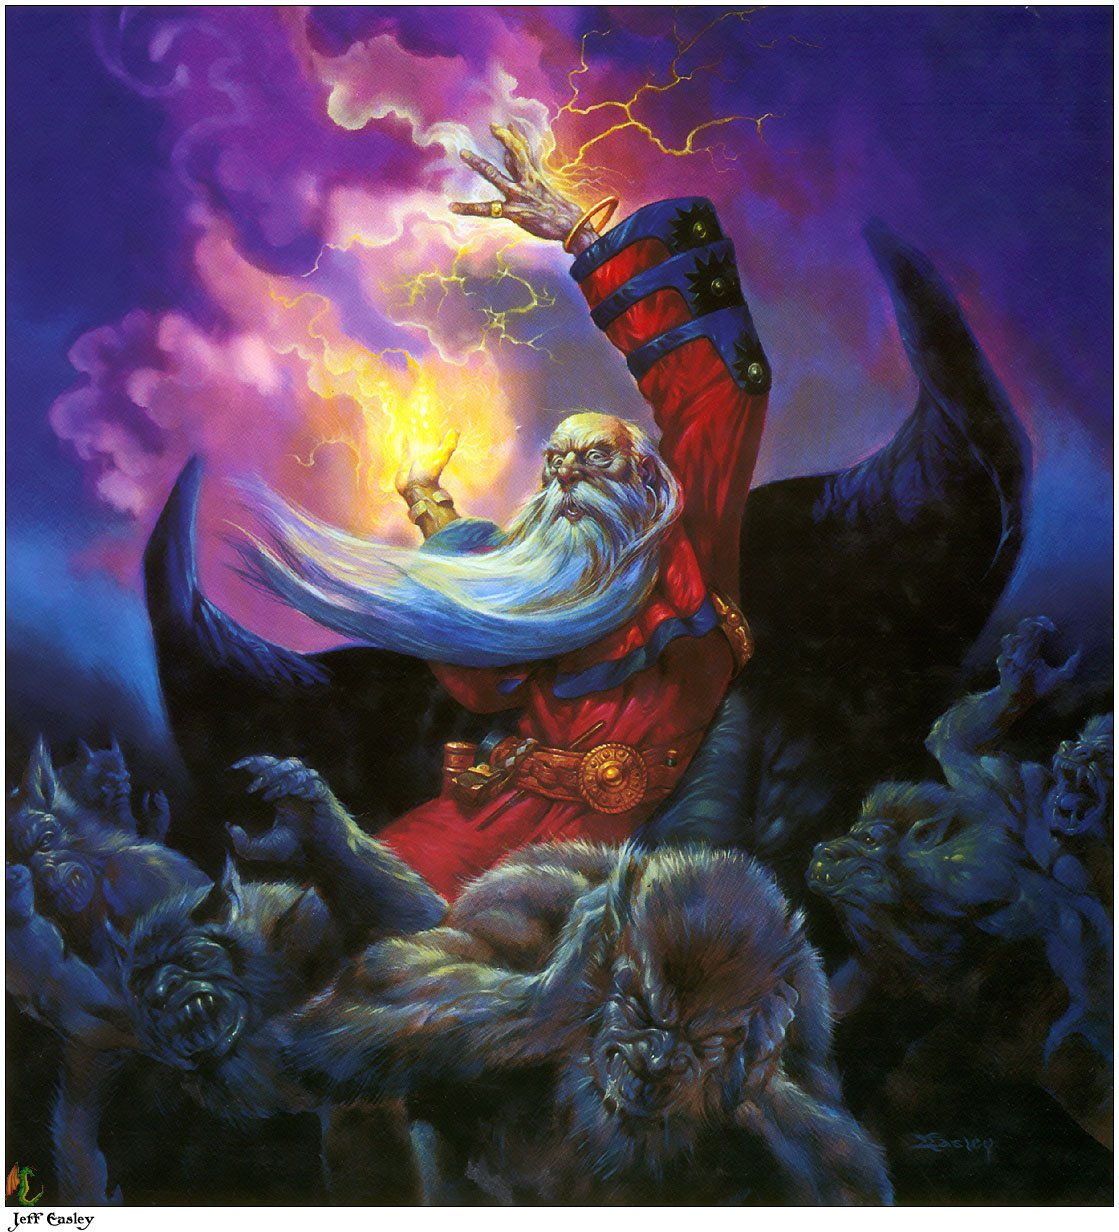 http://4.bp.blogspot.com/-mqDMhdkLsdA/Tj7L33bmxEI/AAAAAAAABCU/ovPgsLRbTLw/s1600/mago-wizard-feiticeiro-wallpaper-necromancer-an%25C3%25A3o-25.jpg